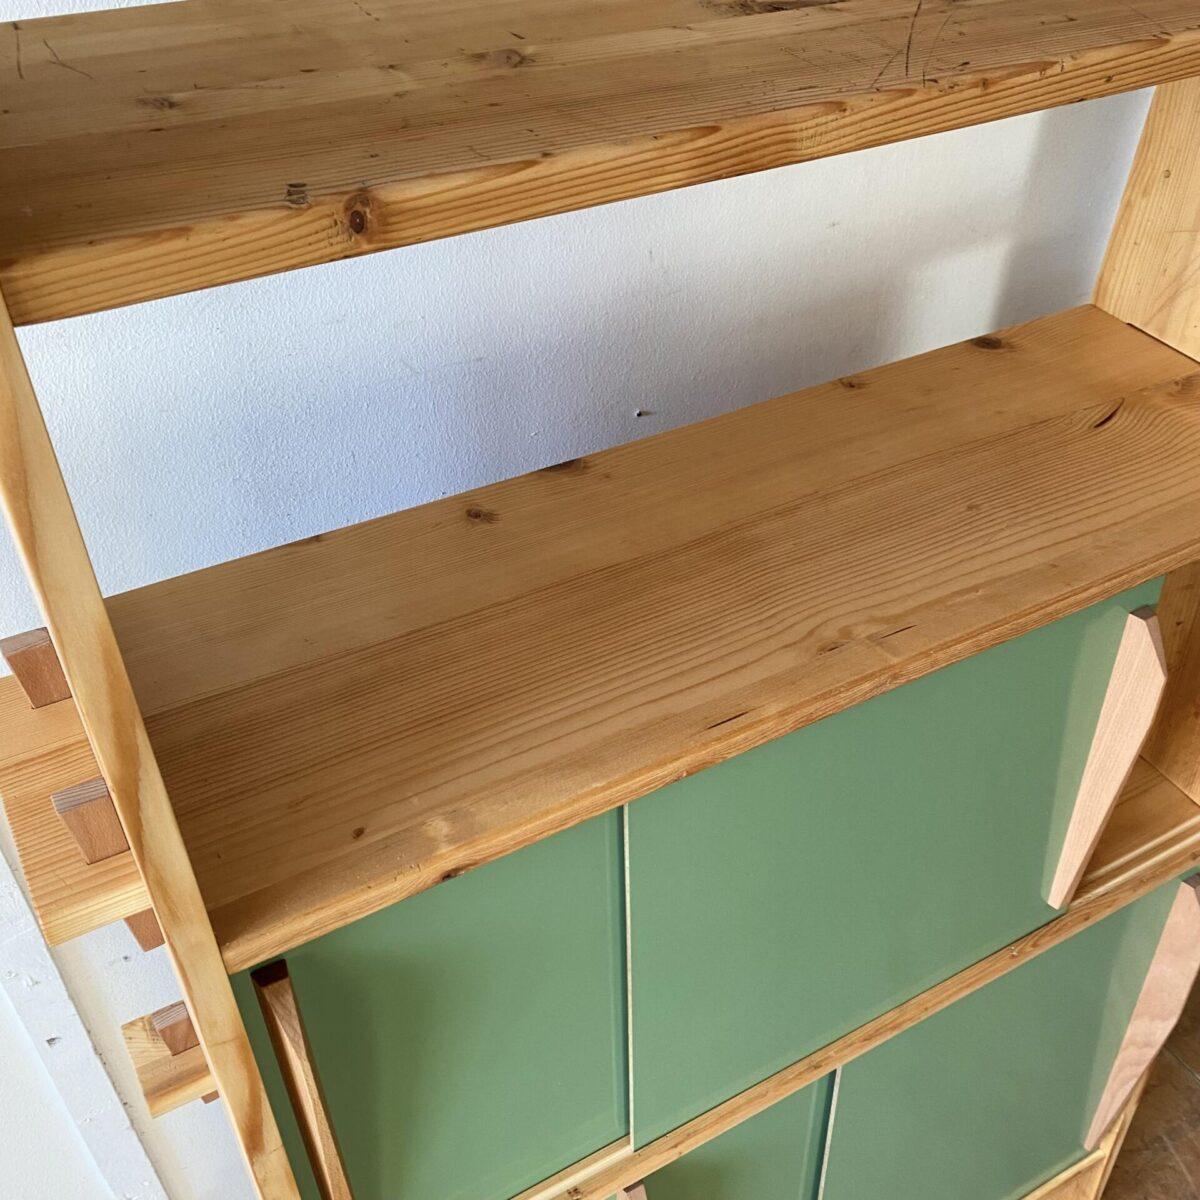 Nicola Landert für deuxieme.shop Steckbares Bücherregal mit Schiebetüren. 100x40cm Höhe 197cm, die obere Tablar Tiefe ist 21cm. Das Regal wurde von uns gezeichnet und produziert, wir haben gebrauchtes Material aus unserem Fundus verwendet. Regalböden und Seitenwände sind aus Fichtenholz. Keile und Schiebetürgriffe sind aus Buchenholz. Die alten grauen Kelko Schiebetüren sind auf der einen Seite Grün lackiert, und lassen sich wenden, die Griffe müssen dabei auf die andere Seite montiert werden. Im unteren Teil des Möbel ist eine Rückwand eingefräst, welche dem Möbel die nötige Stabilität gibt. Obwohl neu produziert kommt dieses Möbel mit Alterspatina und Gebrauchsspuren daher.